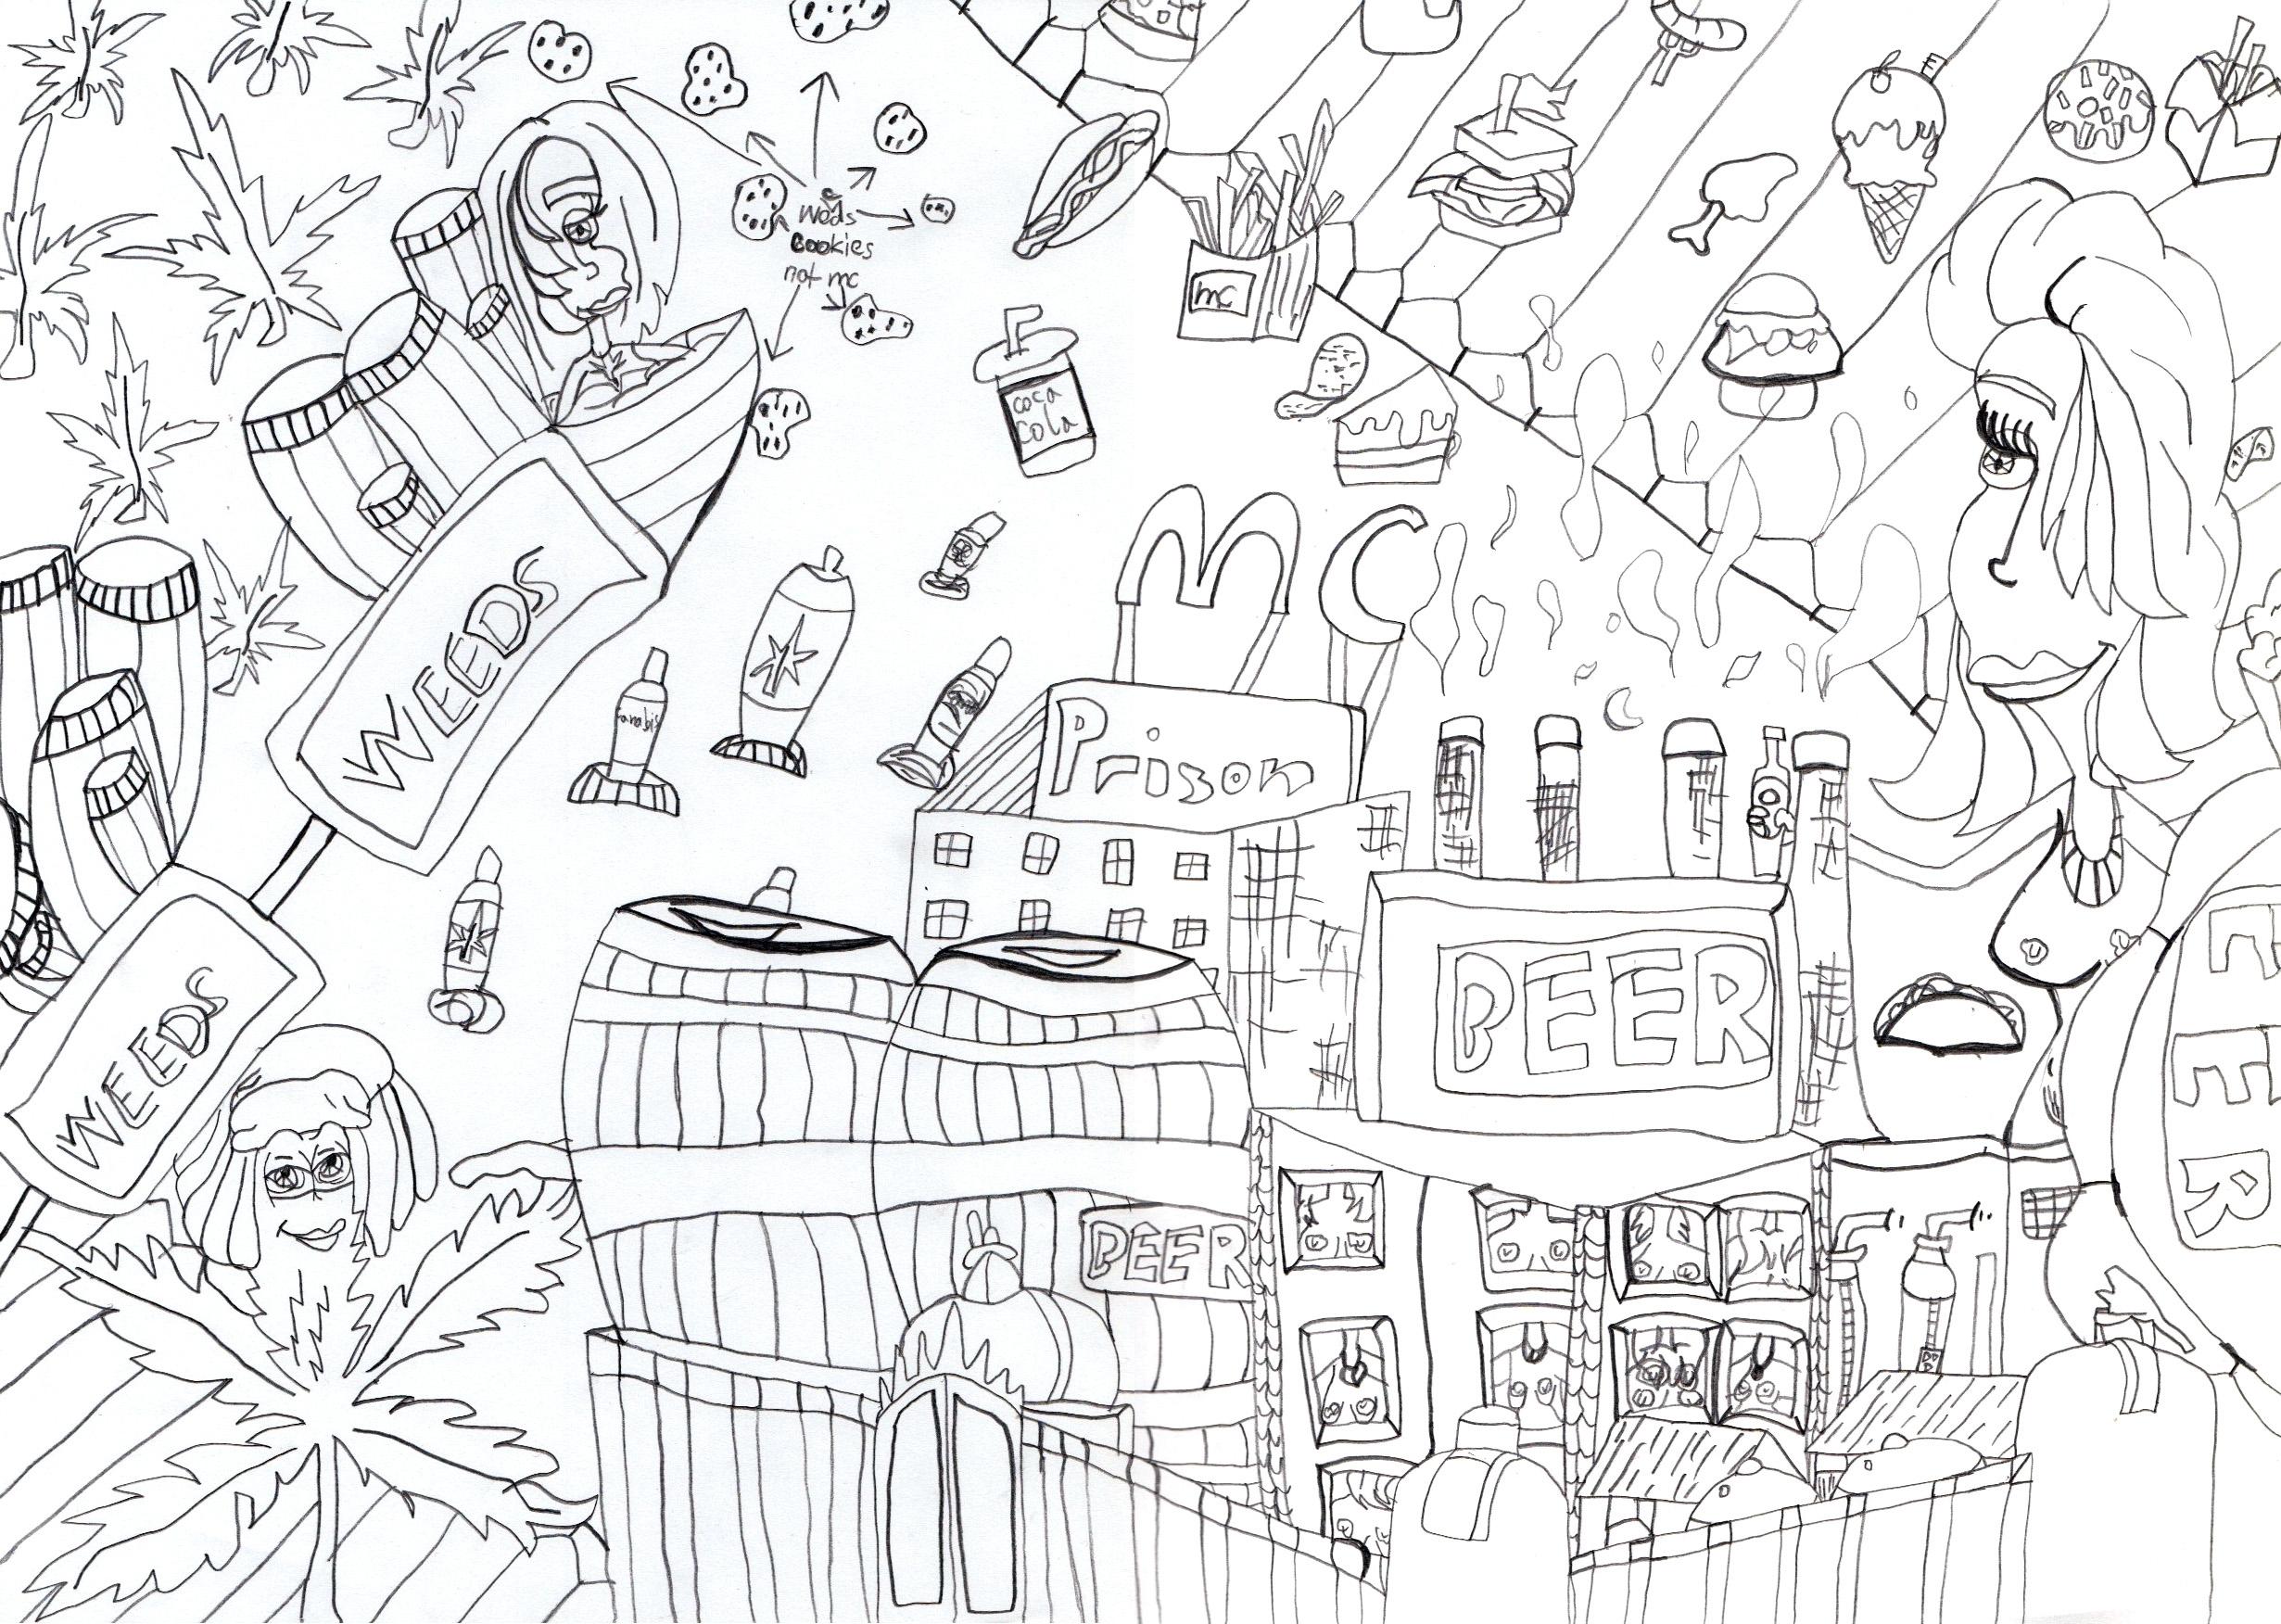 drawing, pencil, bw, prison, beer - timotejgore   ello